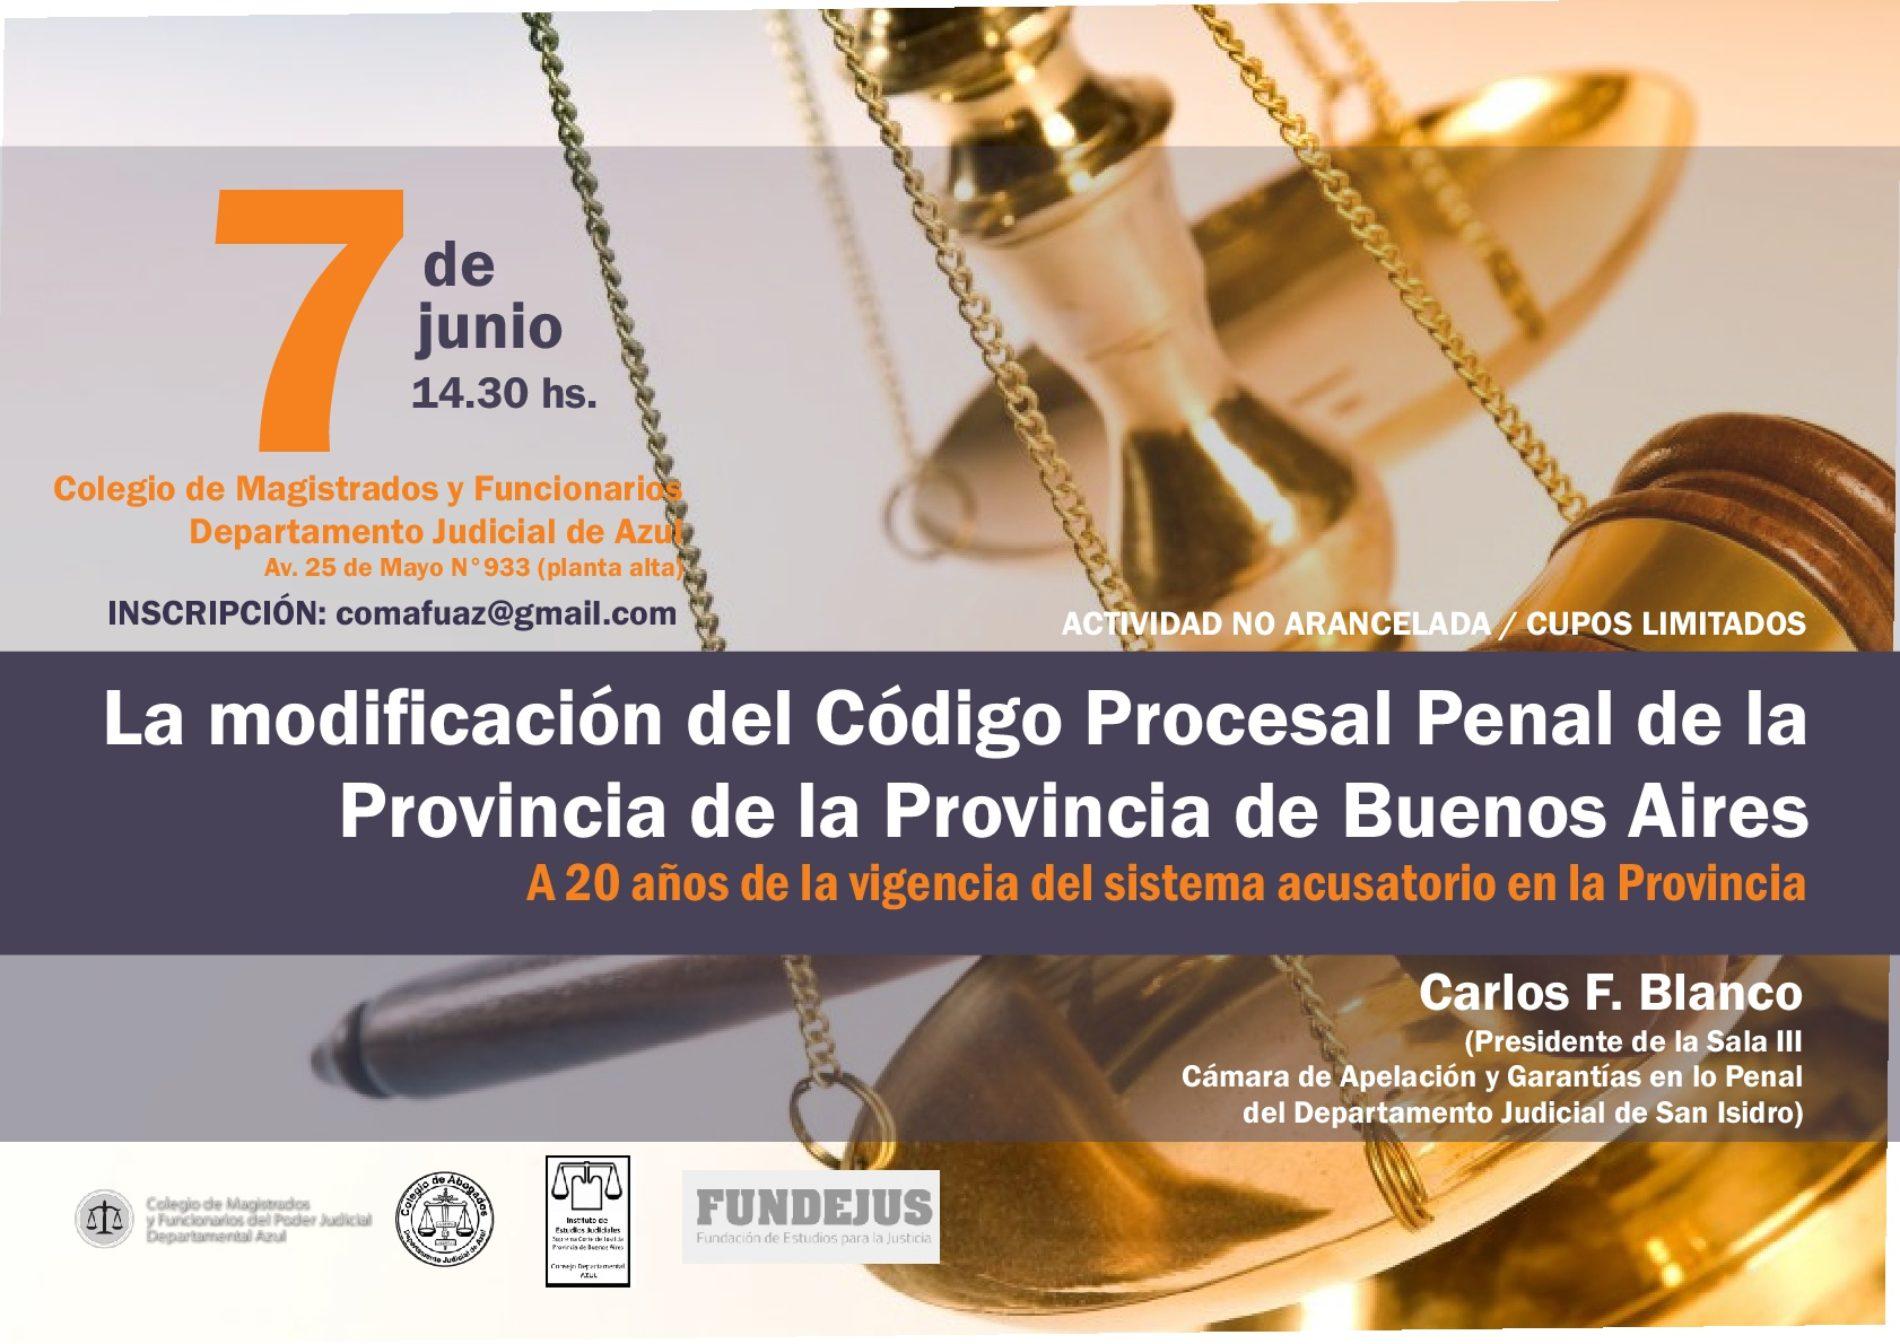 «La modificación del Código Procesal Penal de la Provincia de Buenos Aires»